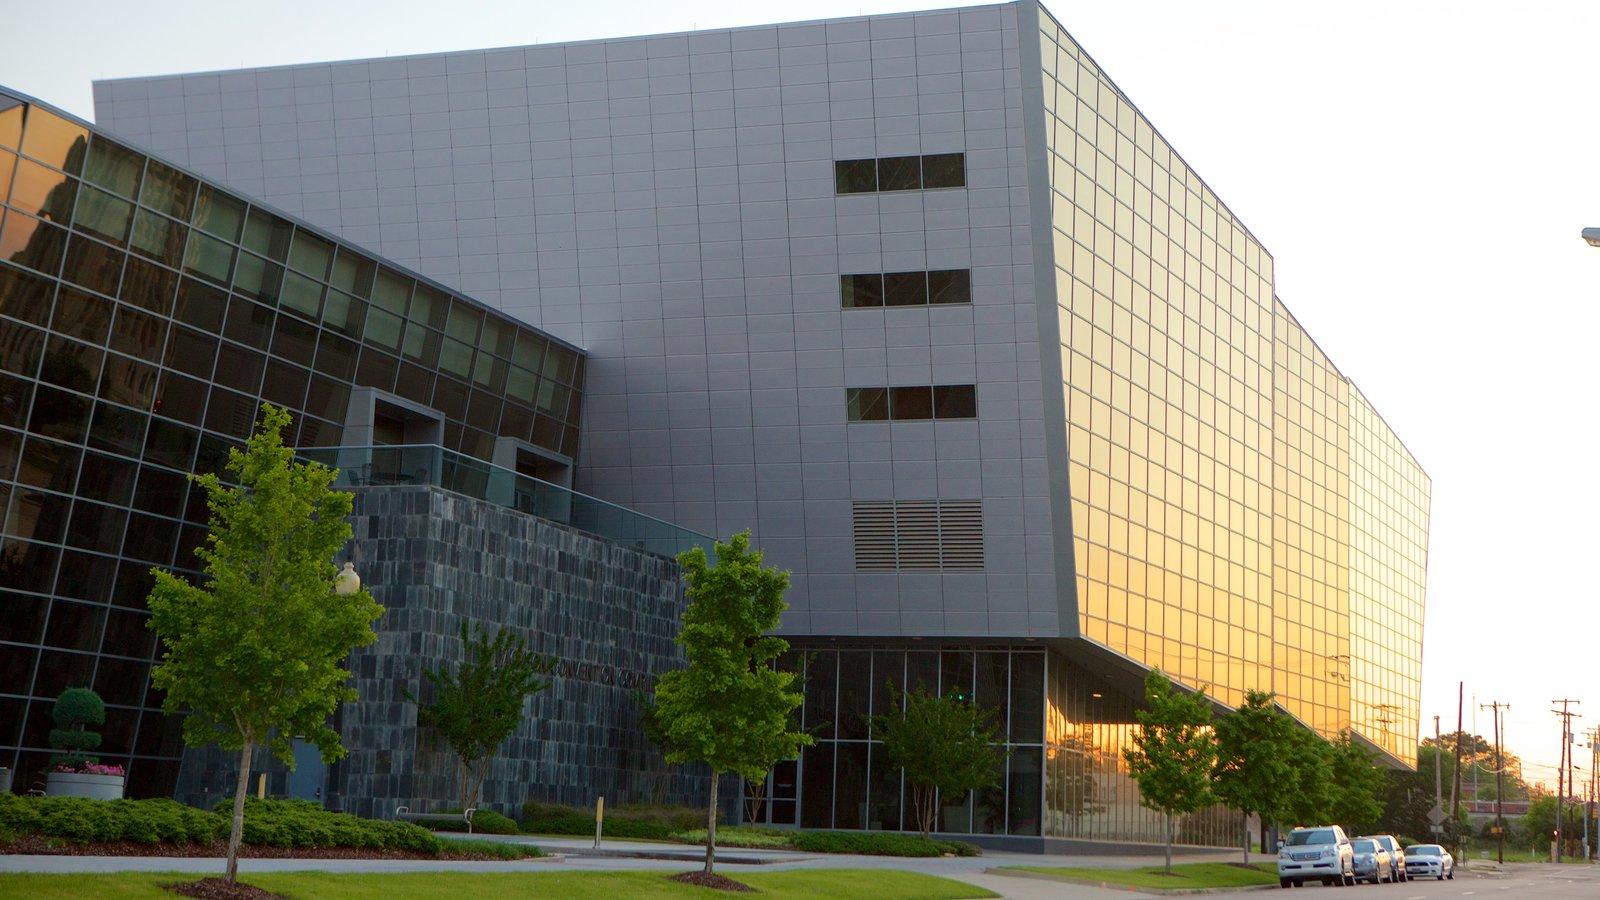 Jackson Convention Complex mostrando arquitetura moderna e um edifício administrativo